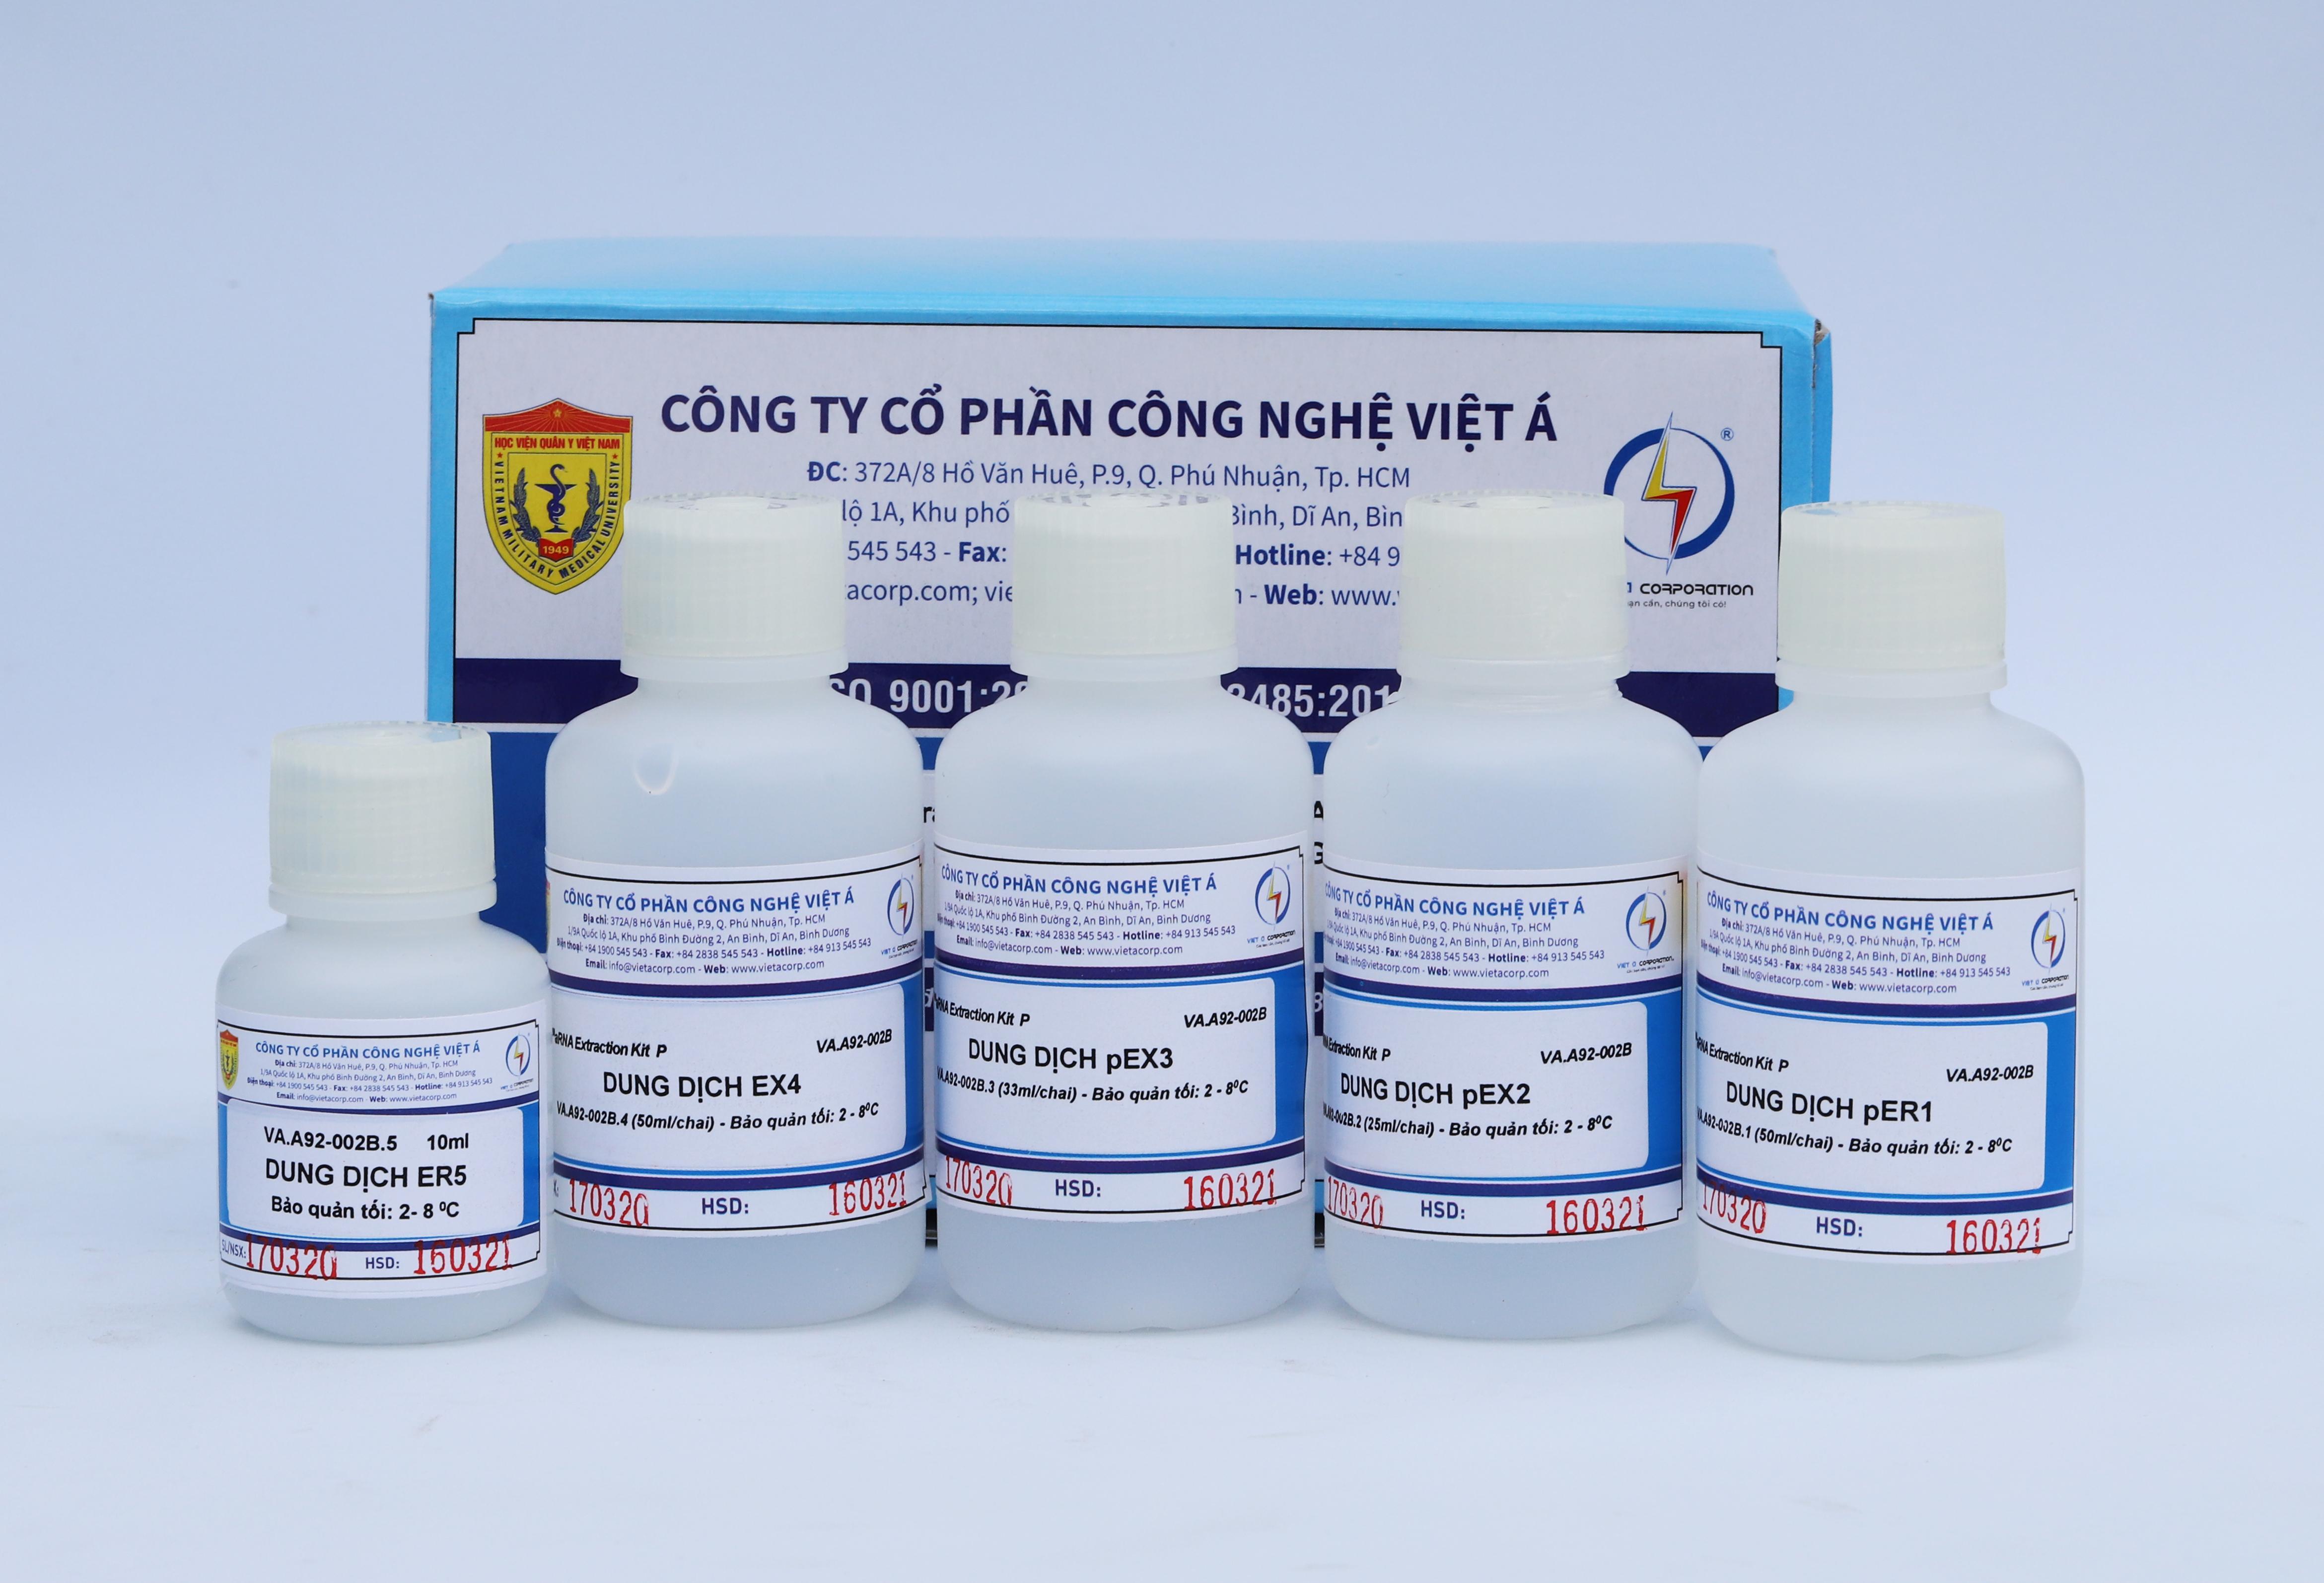 Bộ sinh phẩm xét nghiệm SARS-CoV-2 do Việt Á sản xuất.